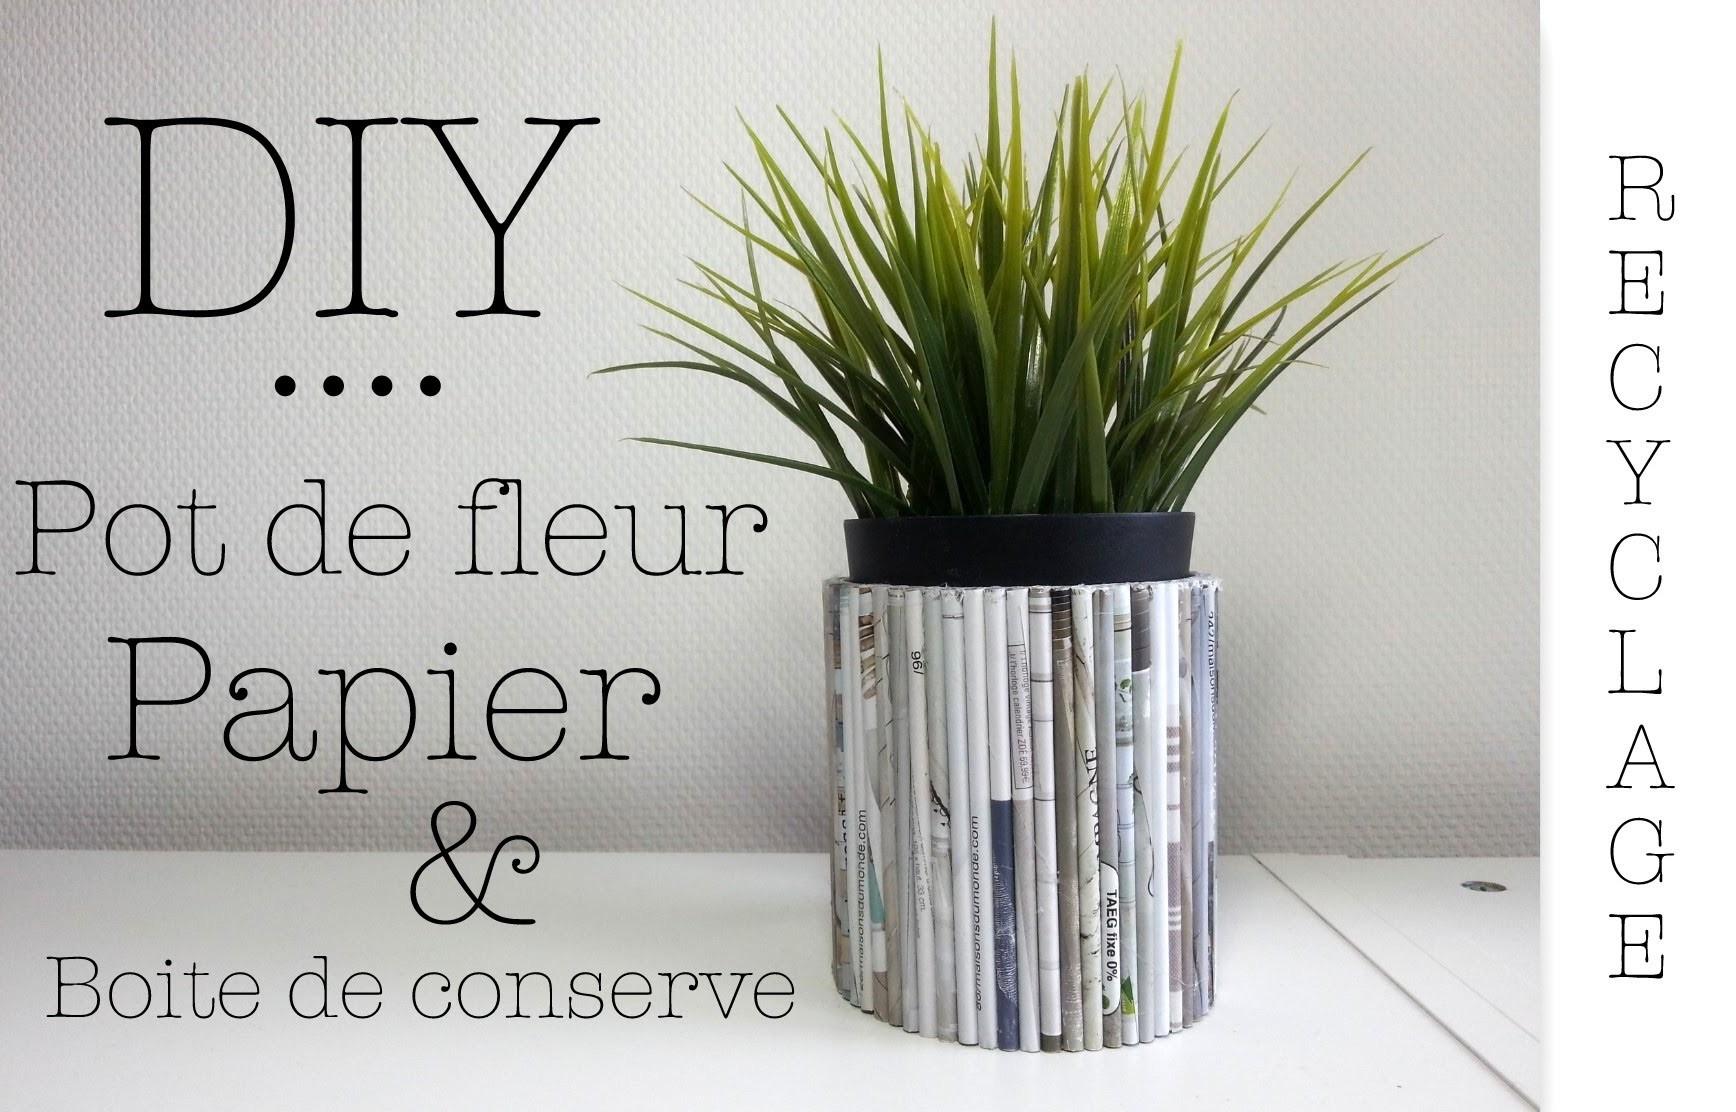 DIY Recyclage pot de fleur avec boite conserve et papier